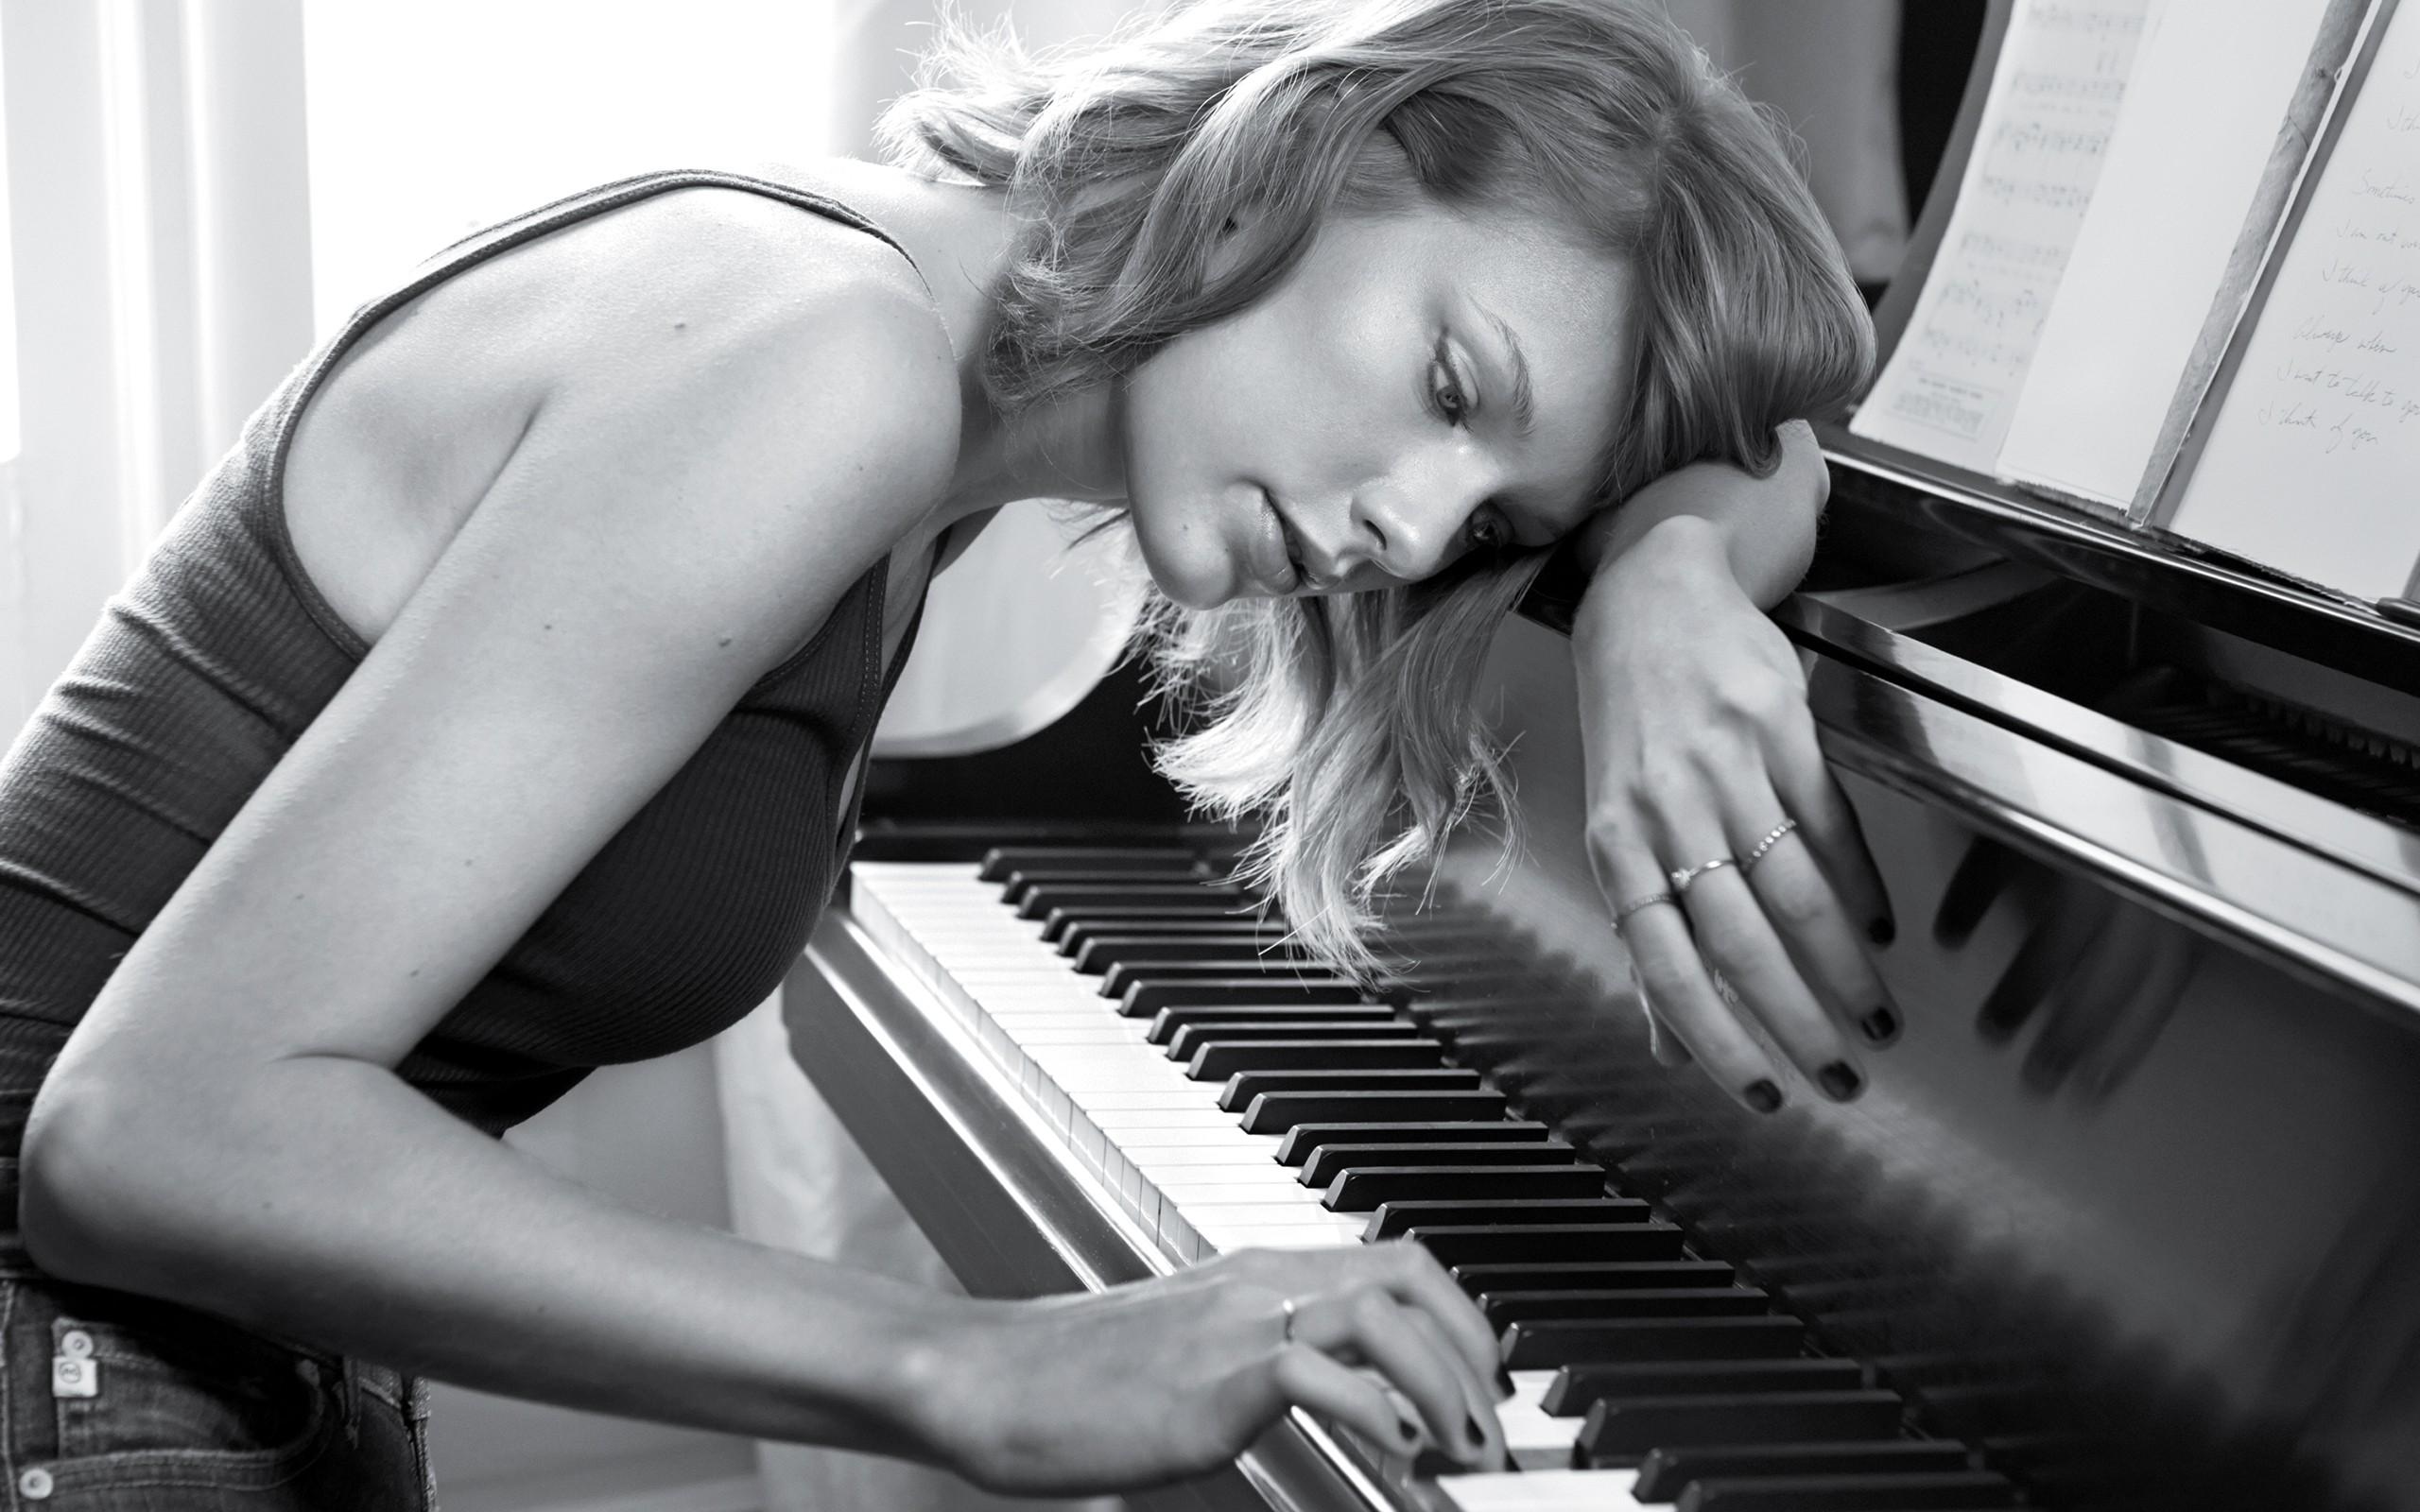 фото с пианино позы блоха может попасть